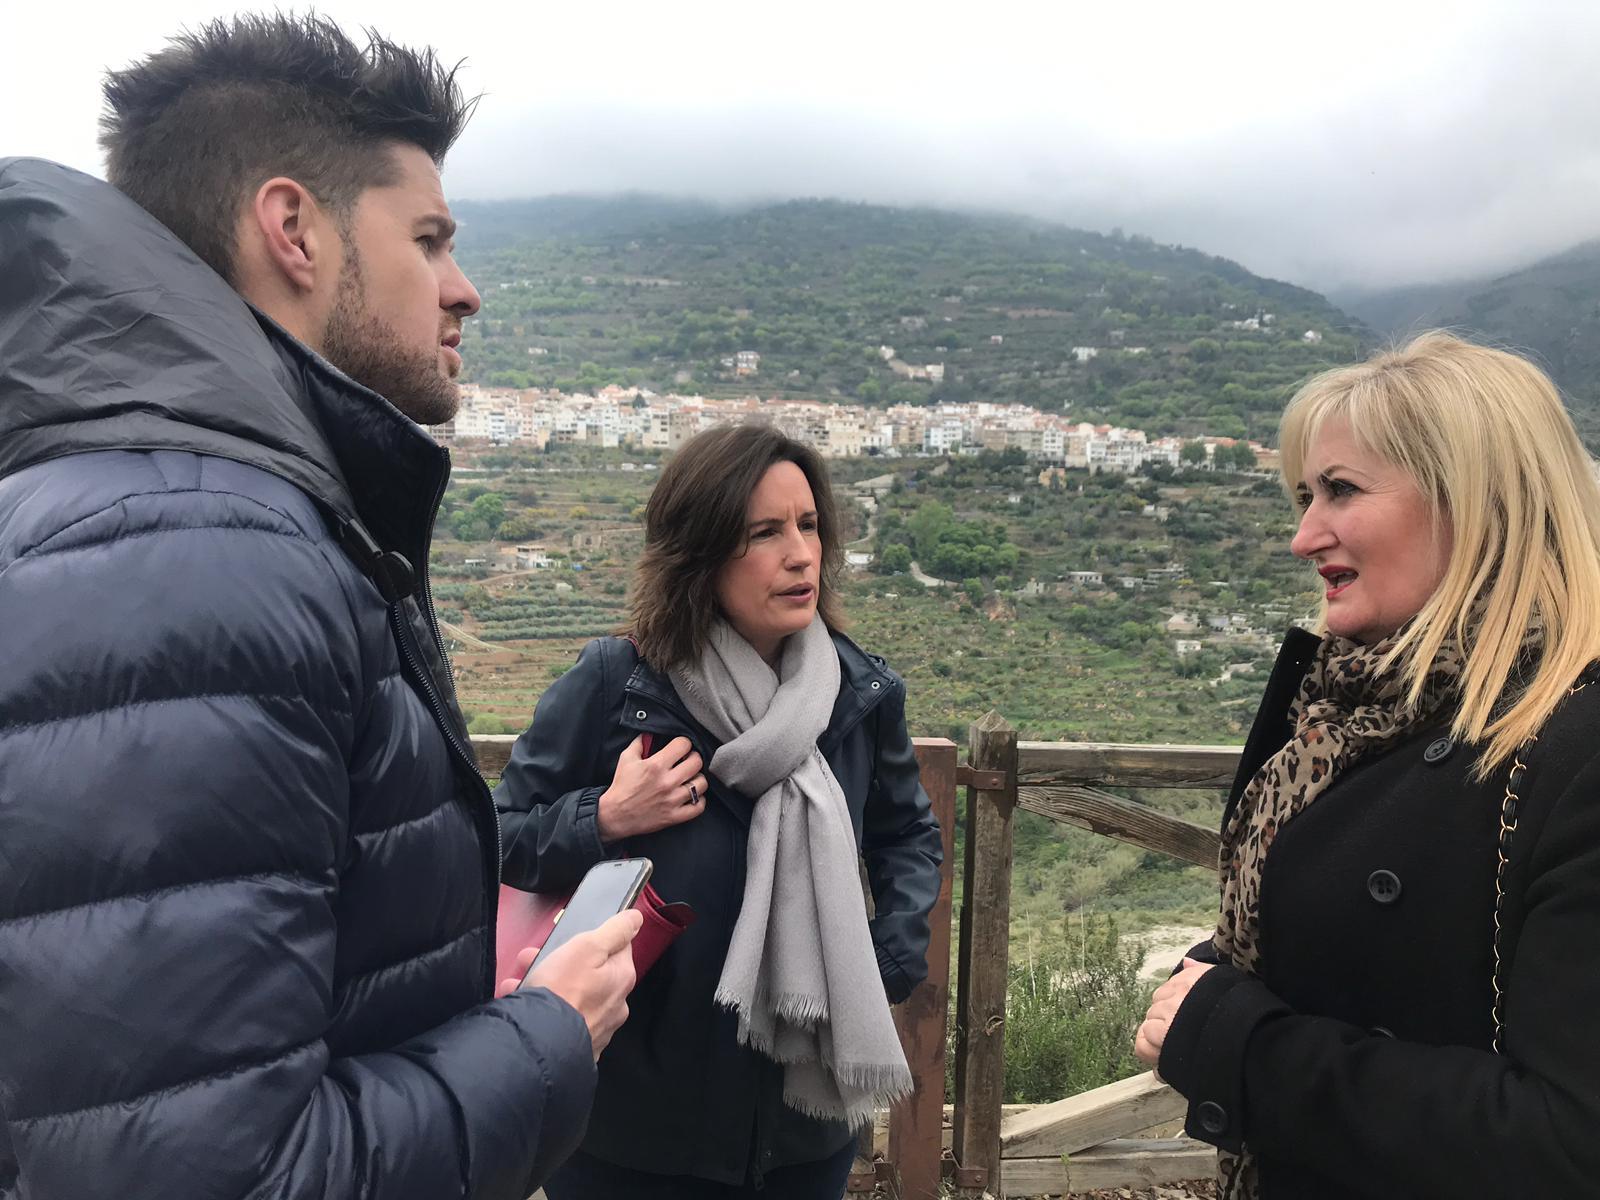 El alcalde de Lanjarón participa en la Fiesta del Agua pese a estar suspendida y abraza a vecinos